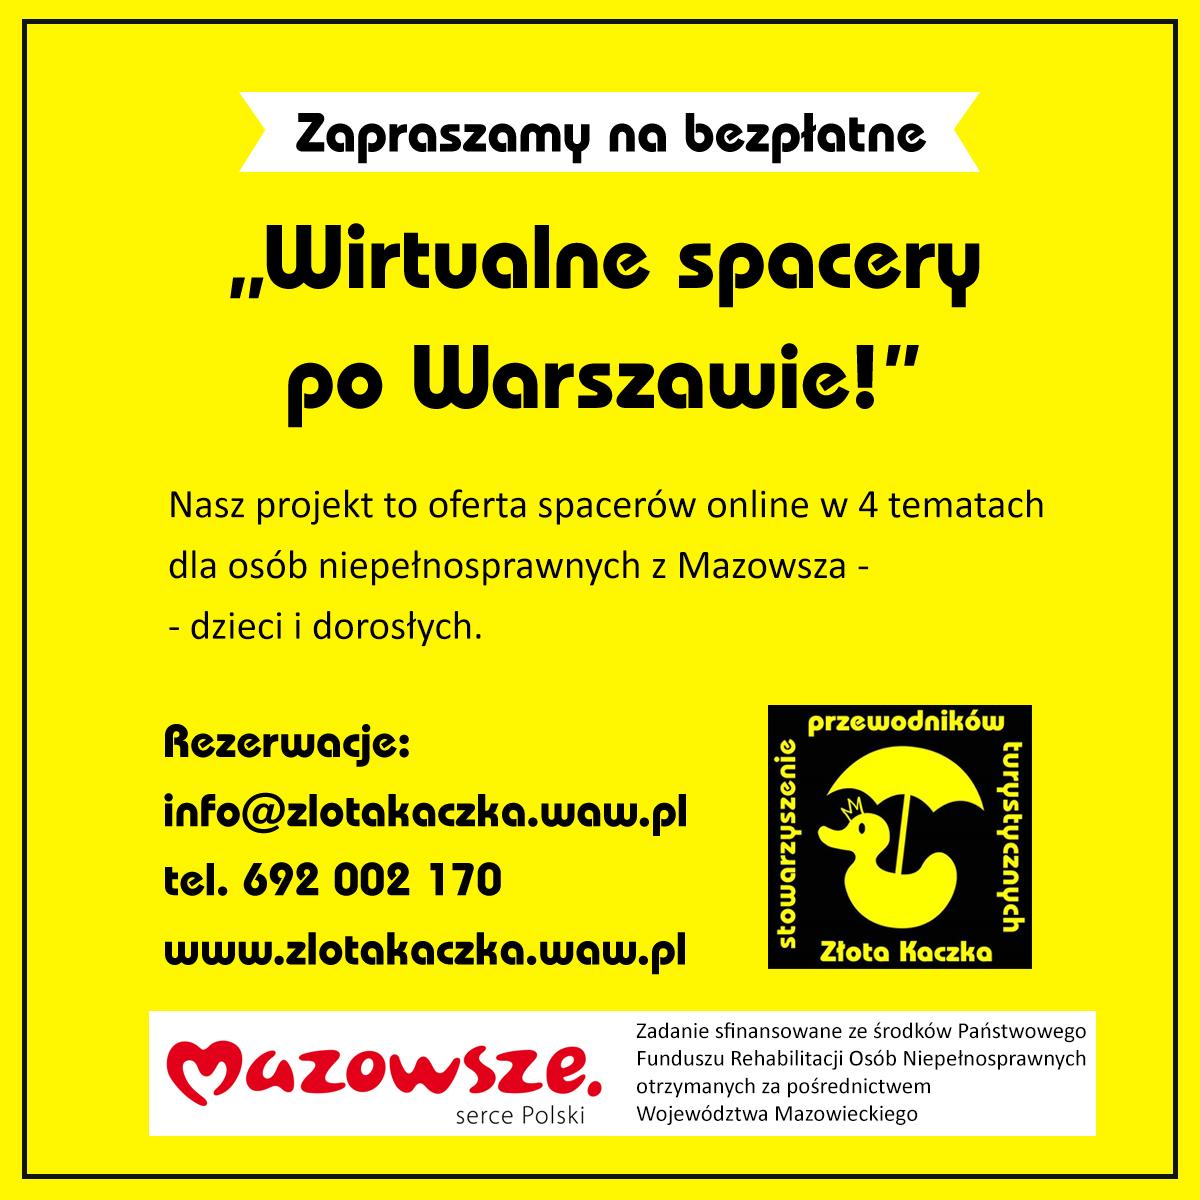 """Czarne napisy na żółtym tle: Zapraszamy na bezpłatne """"Wirtualne spacery po Warszawie!"""